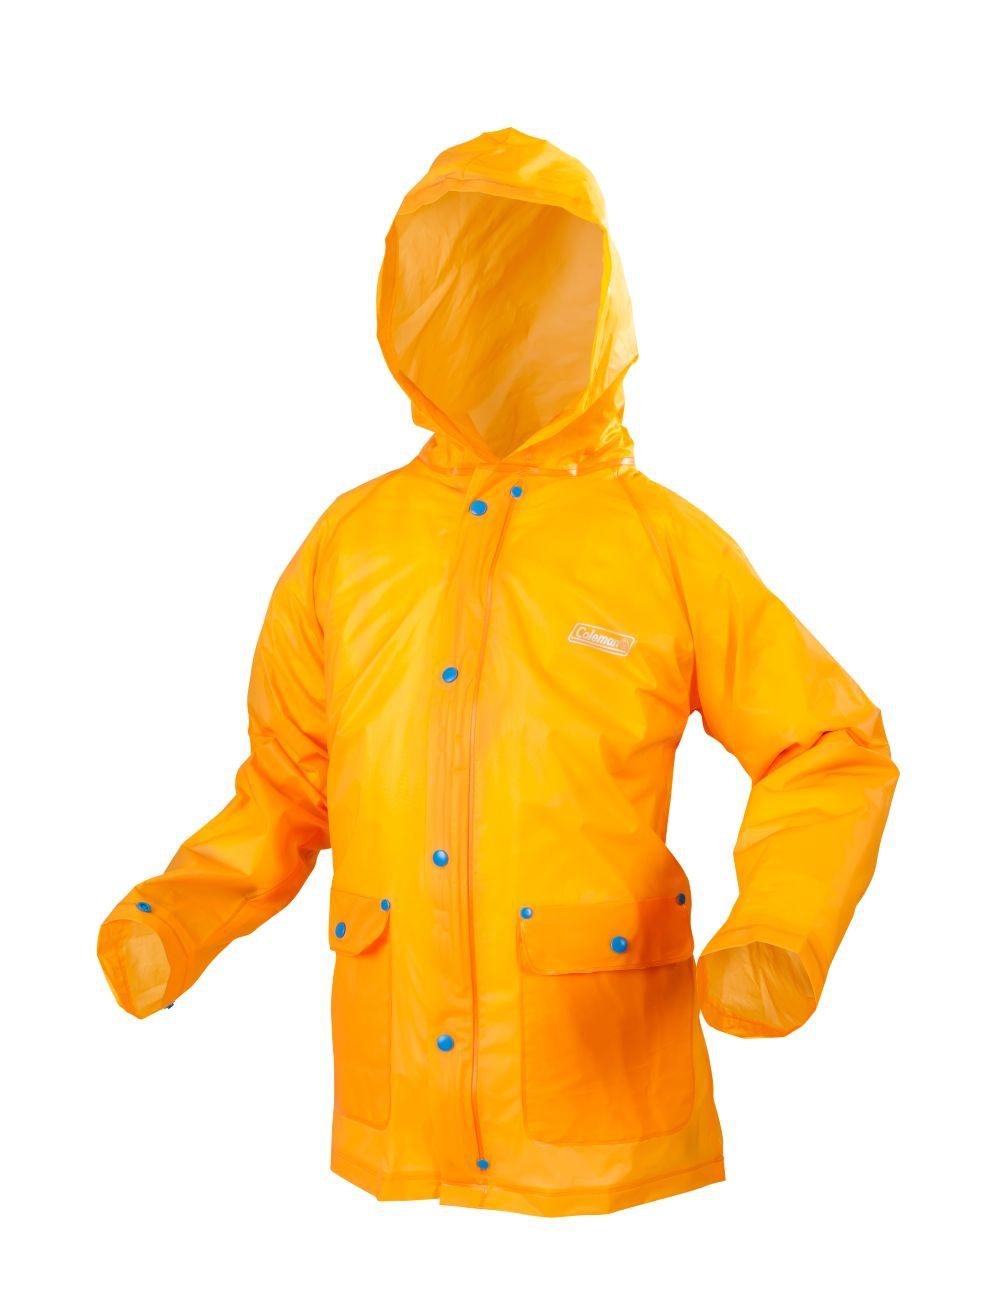 Youth EVA Jacket